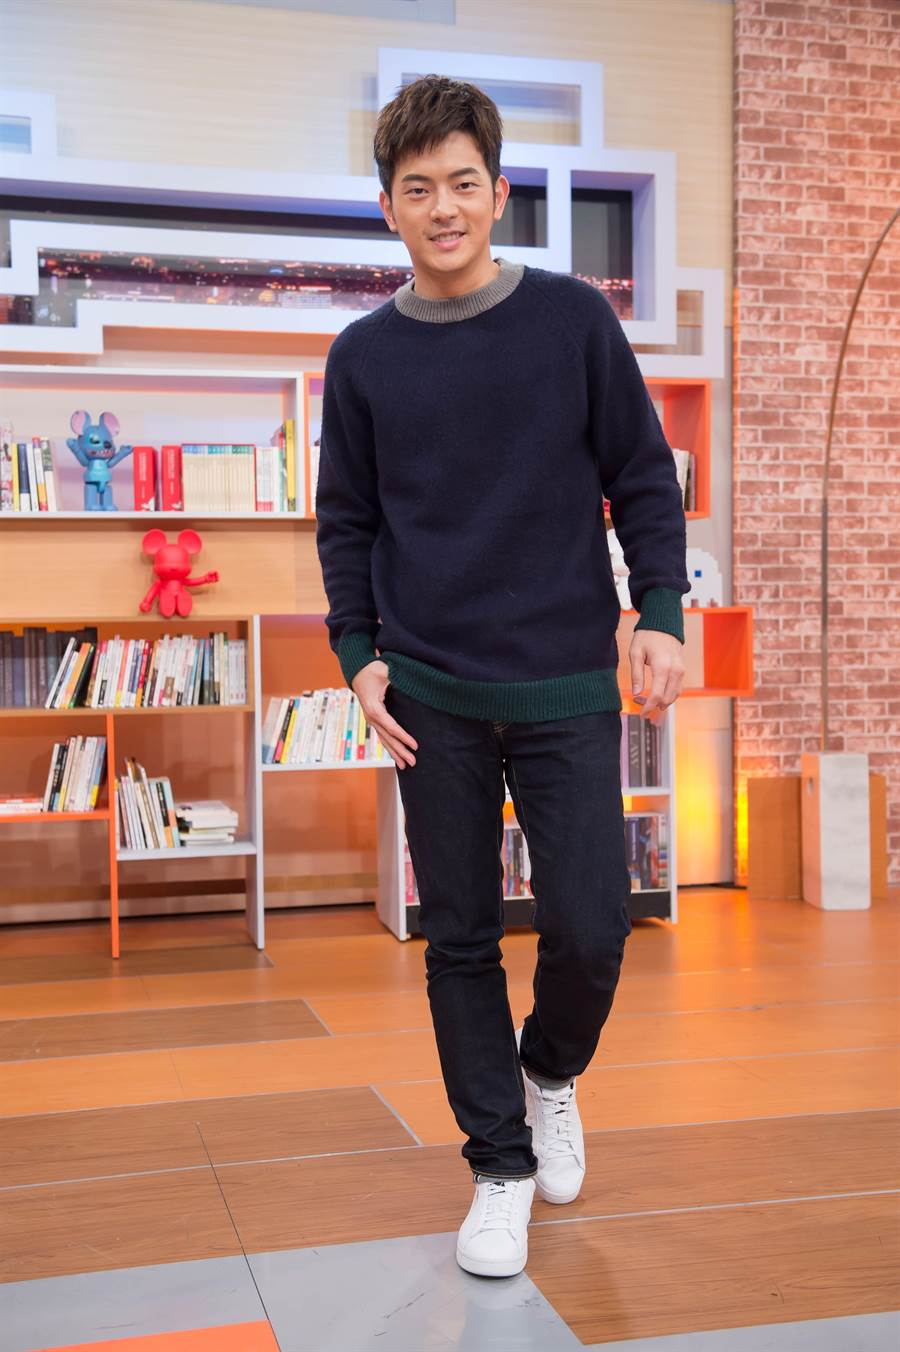 宥勝經過一個月考慮確定結紮。(圖片提供:TVBS)